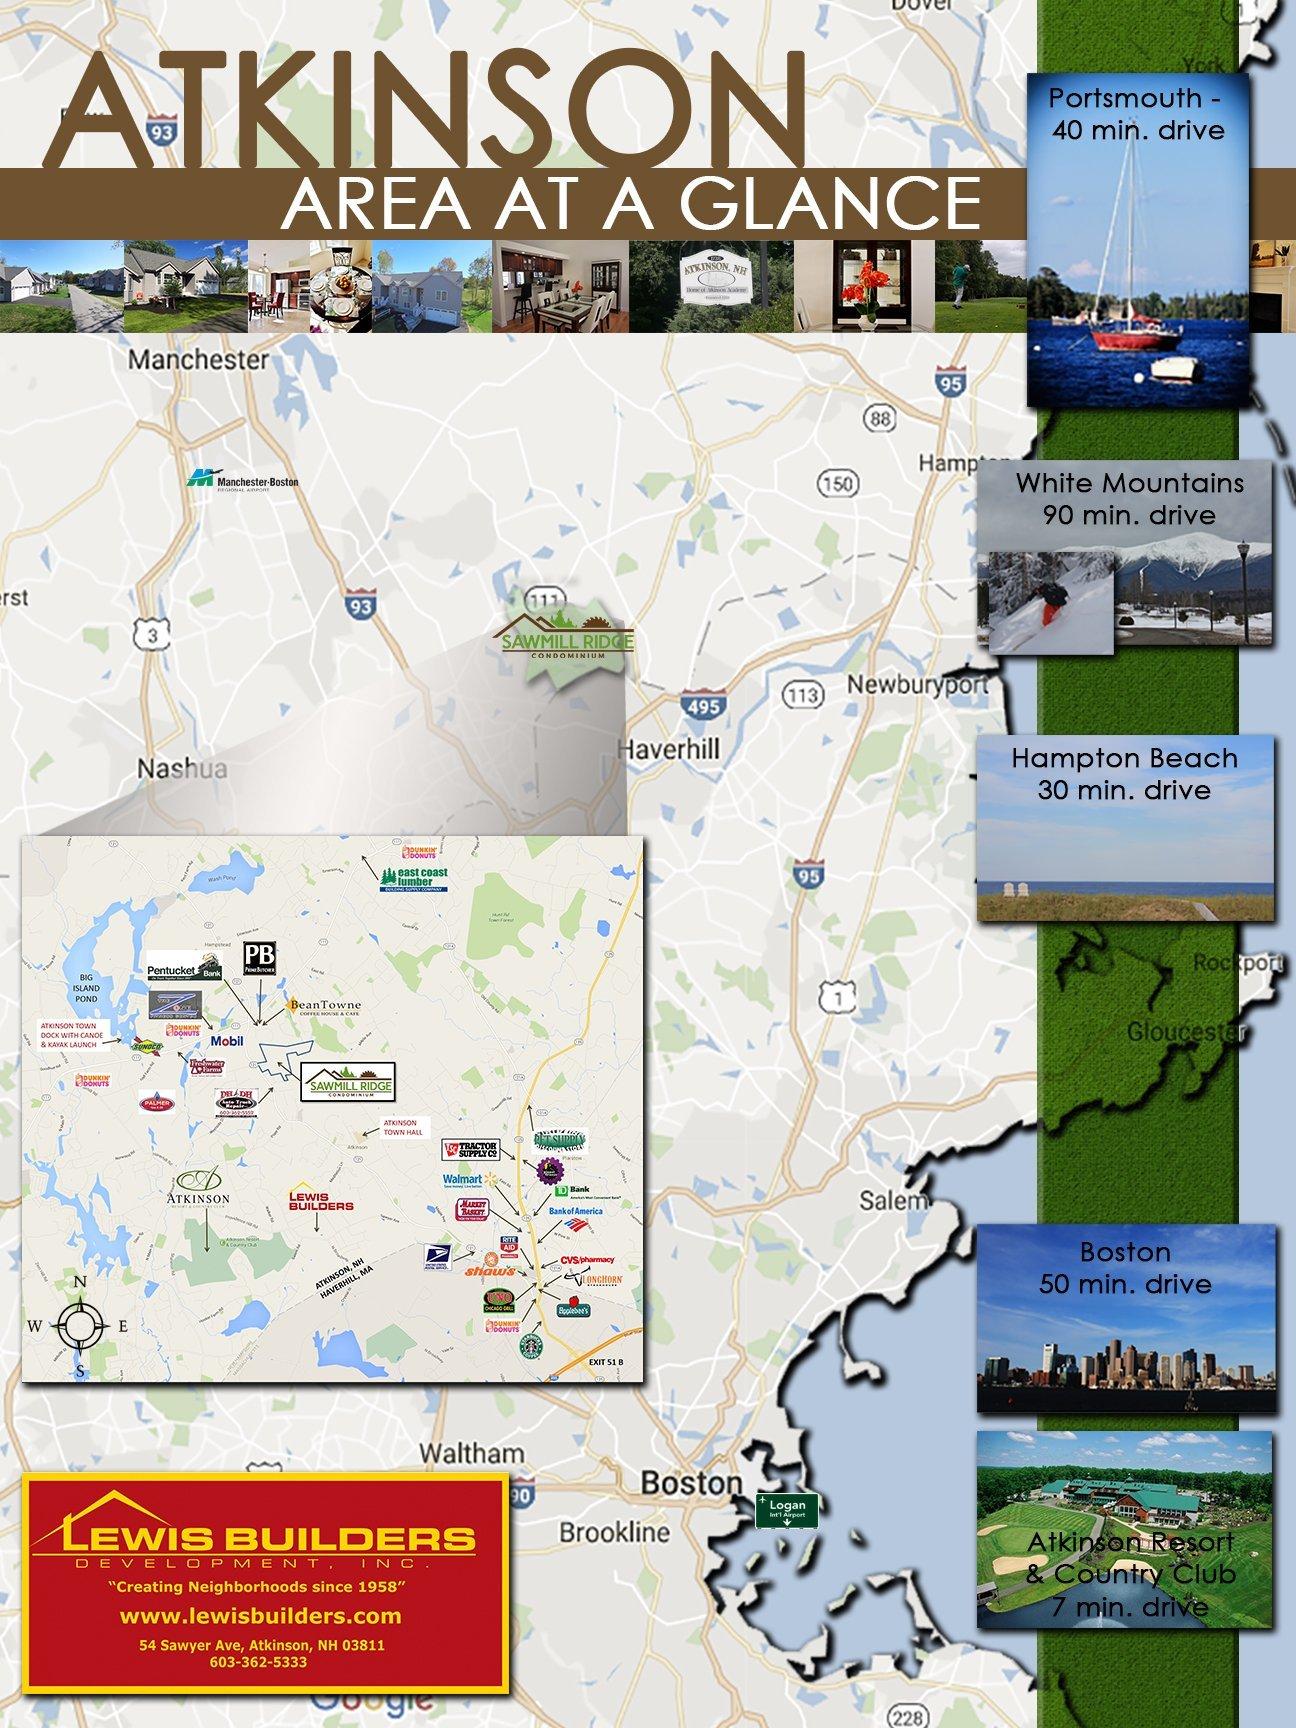 Atkinson Area Map - Atkinson Area At A Glance